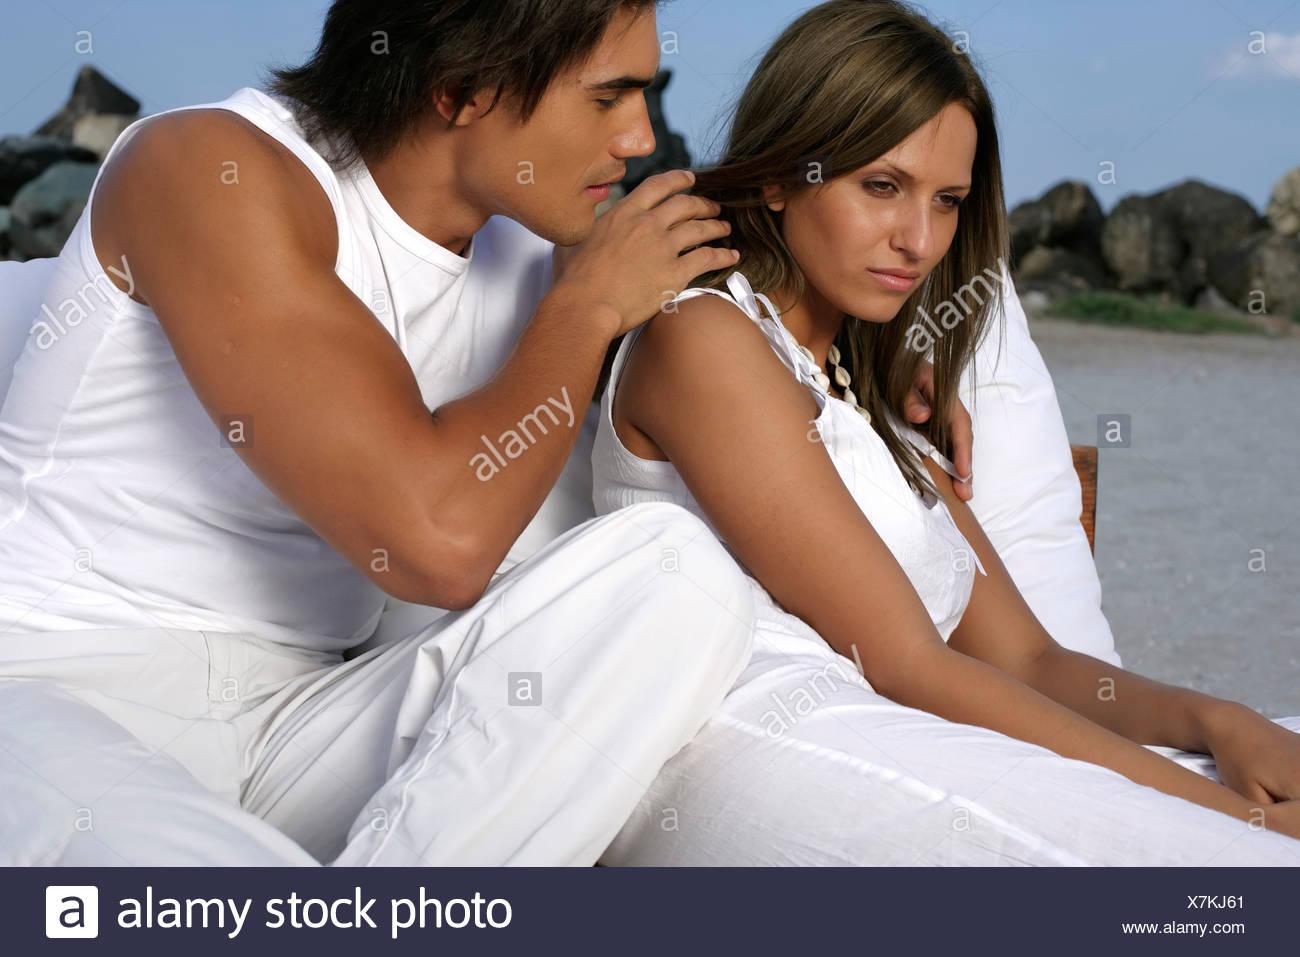 Exact Black men fondling white women